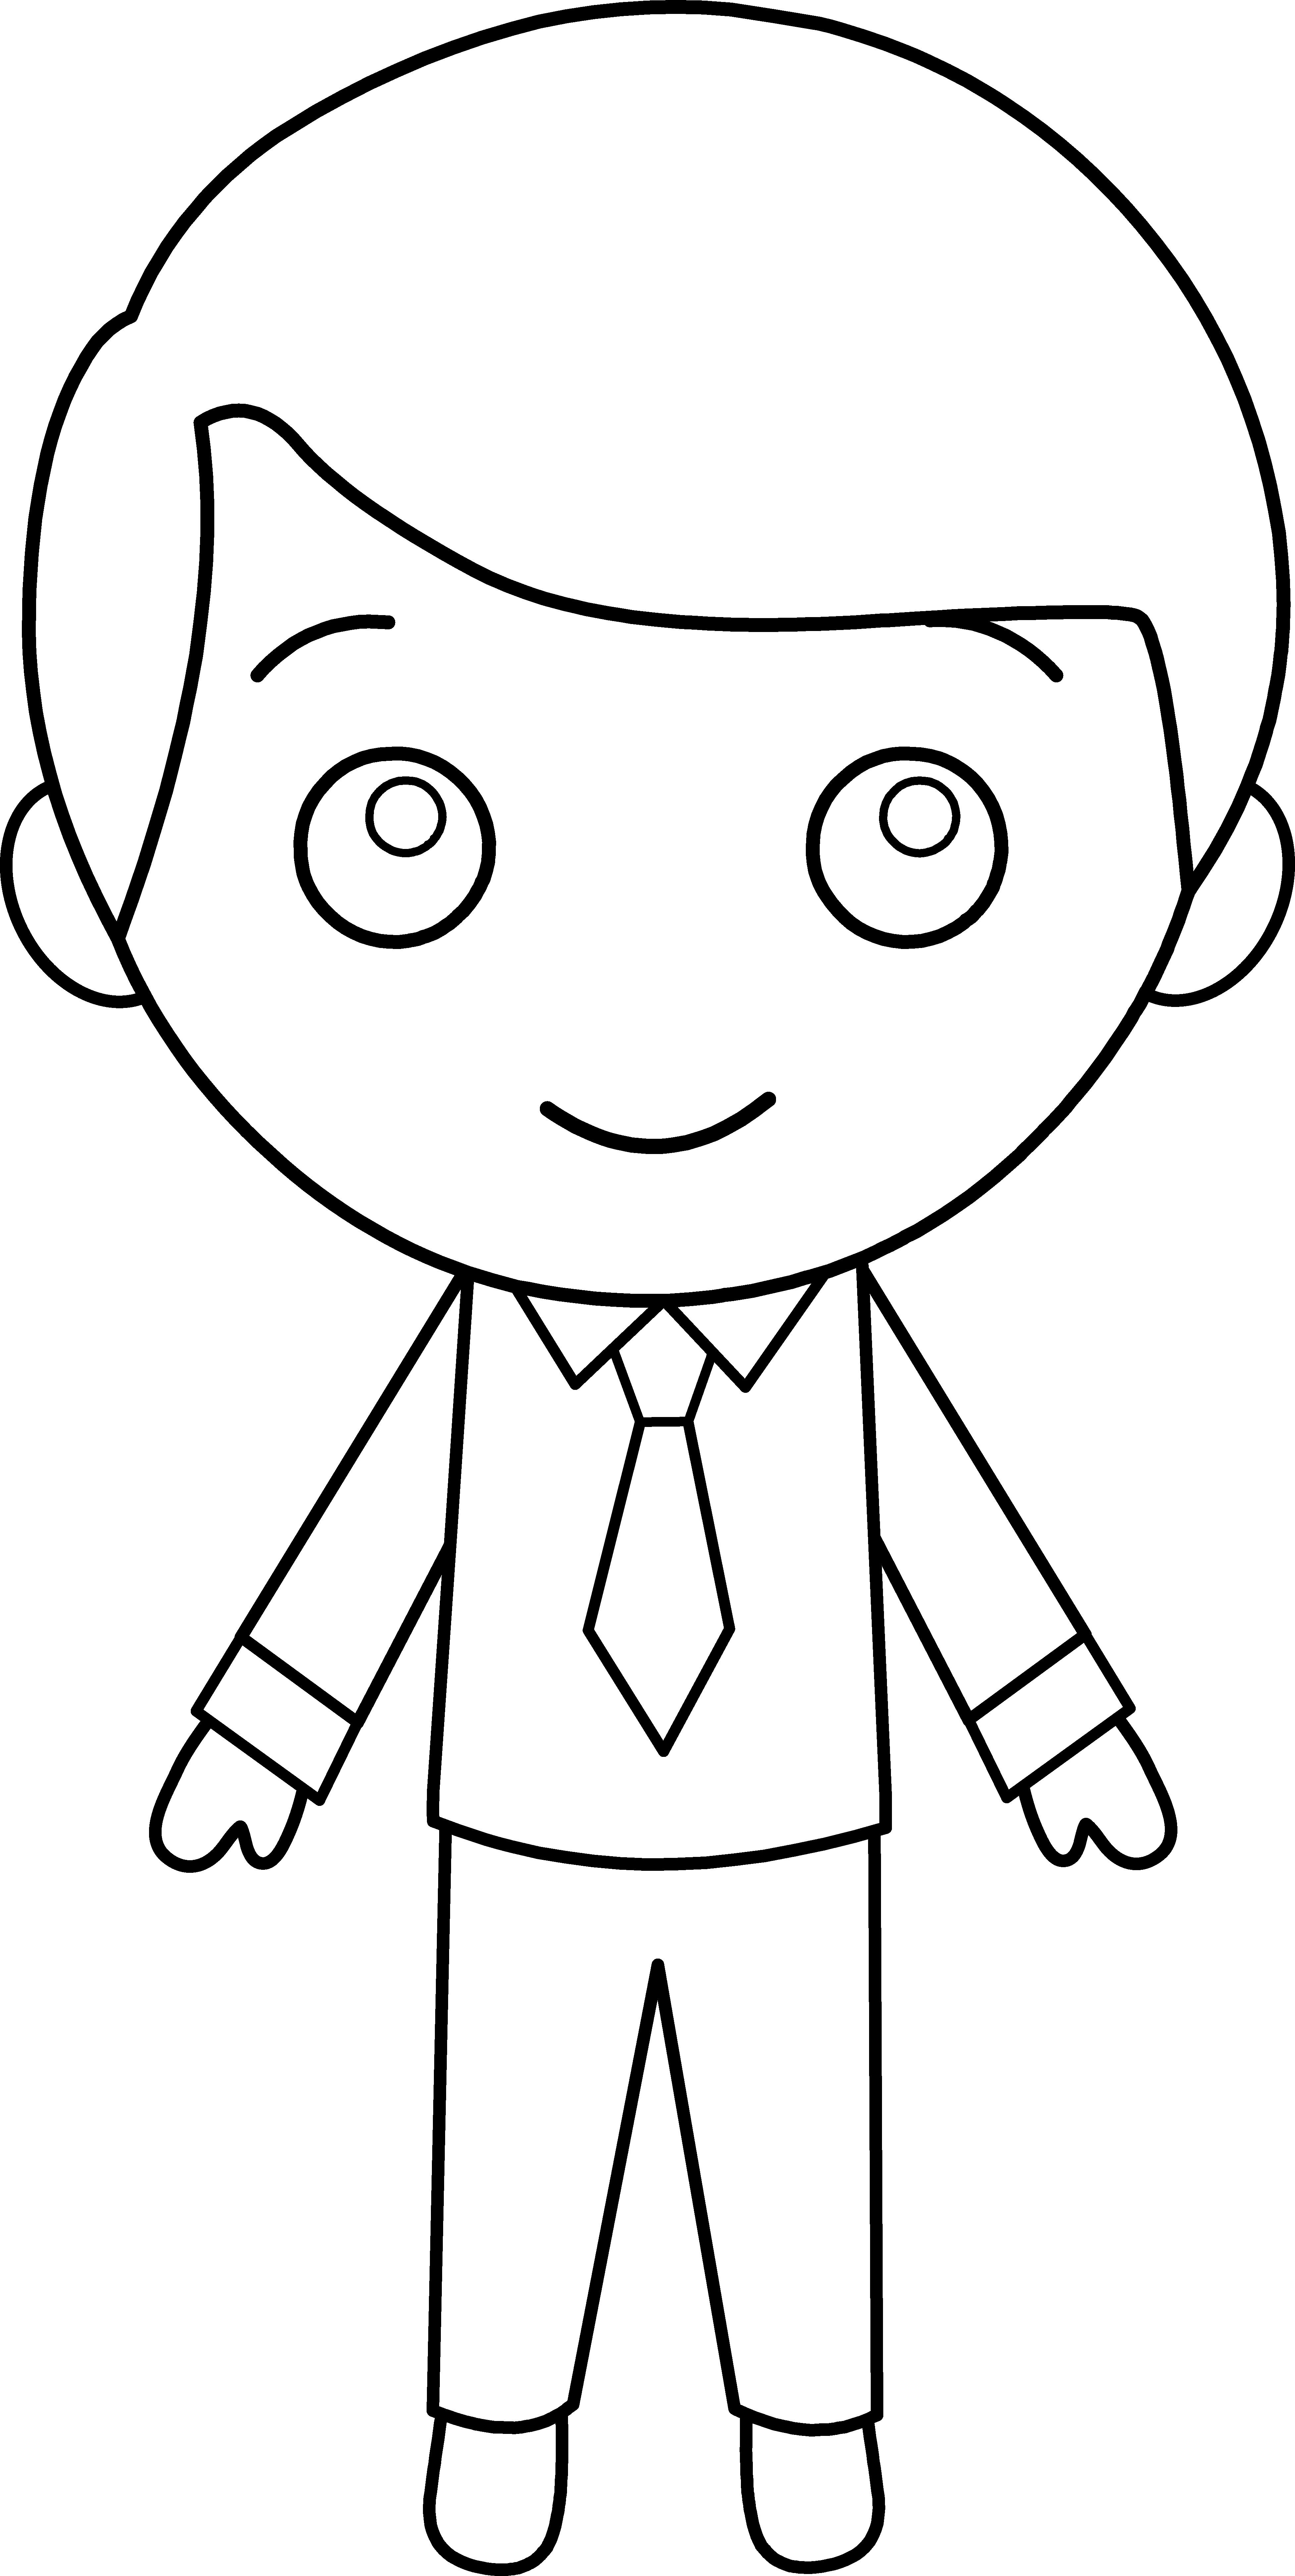 Little Guy in Suit Line Art.